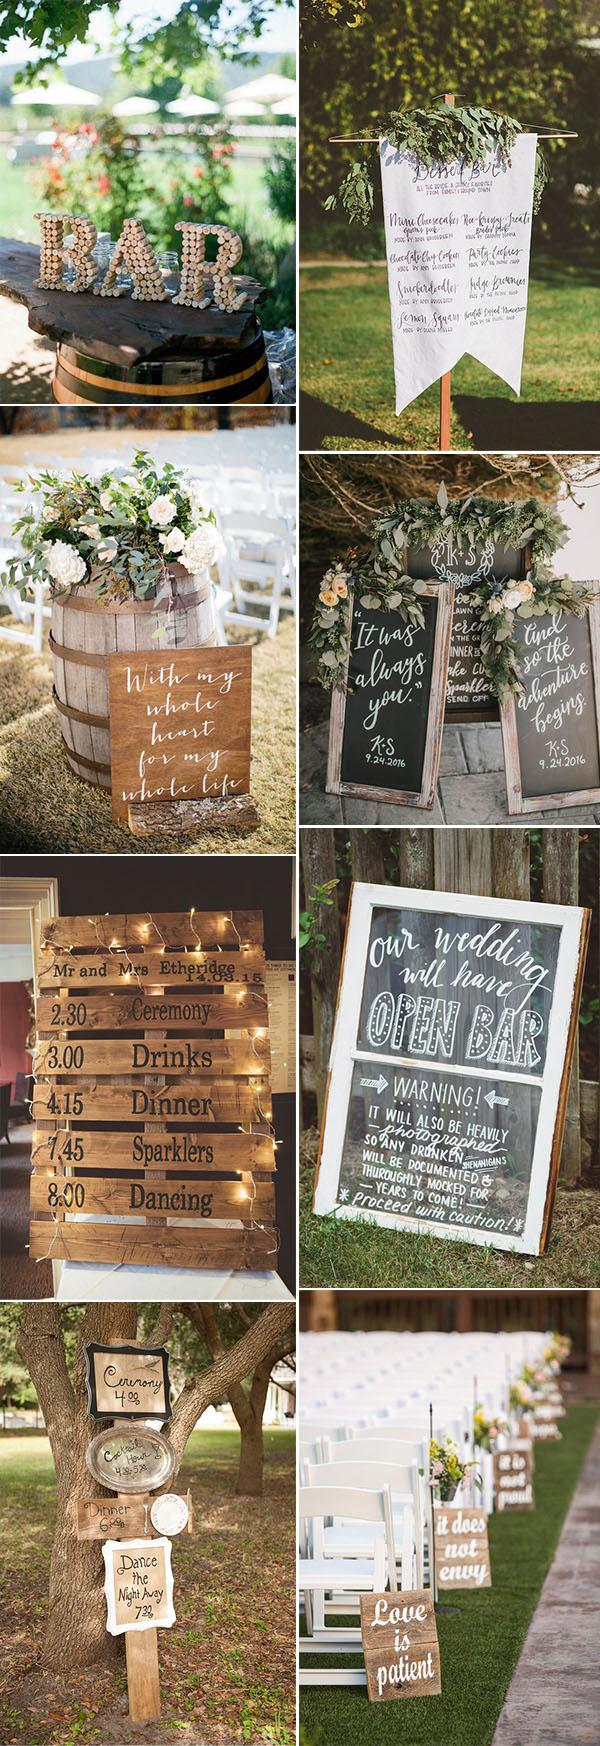 Diy Wedding Signs Pretty Budget Friendly Wedding Decorating Ideas 30 Easy To Do Rustic